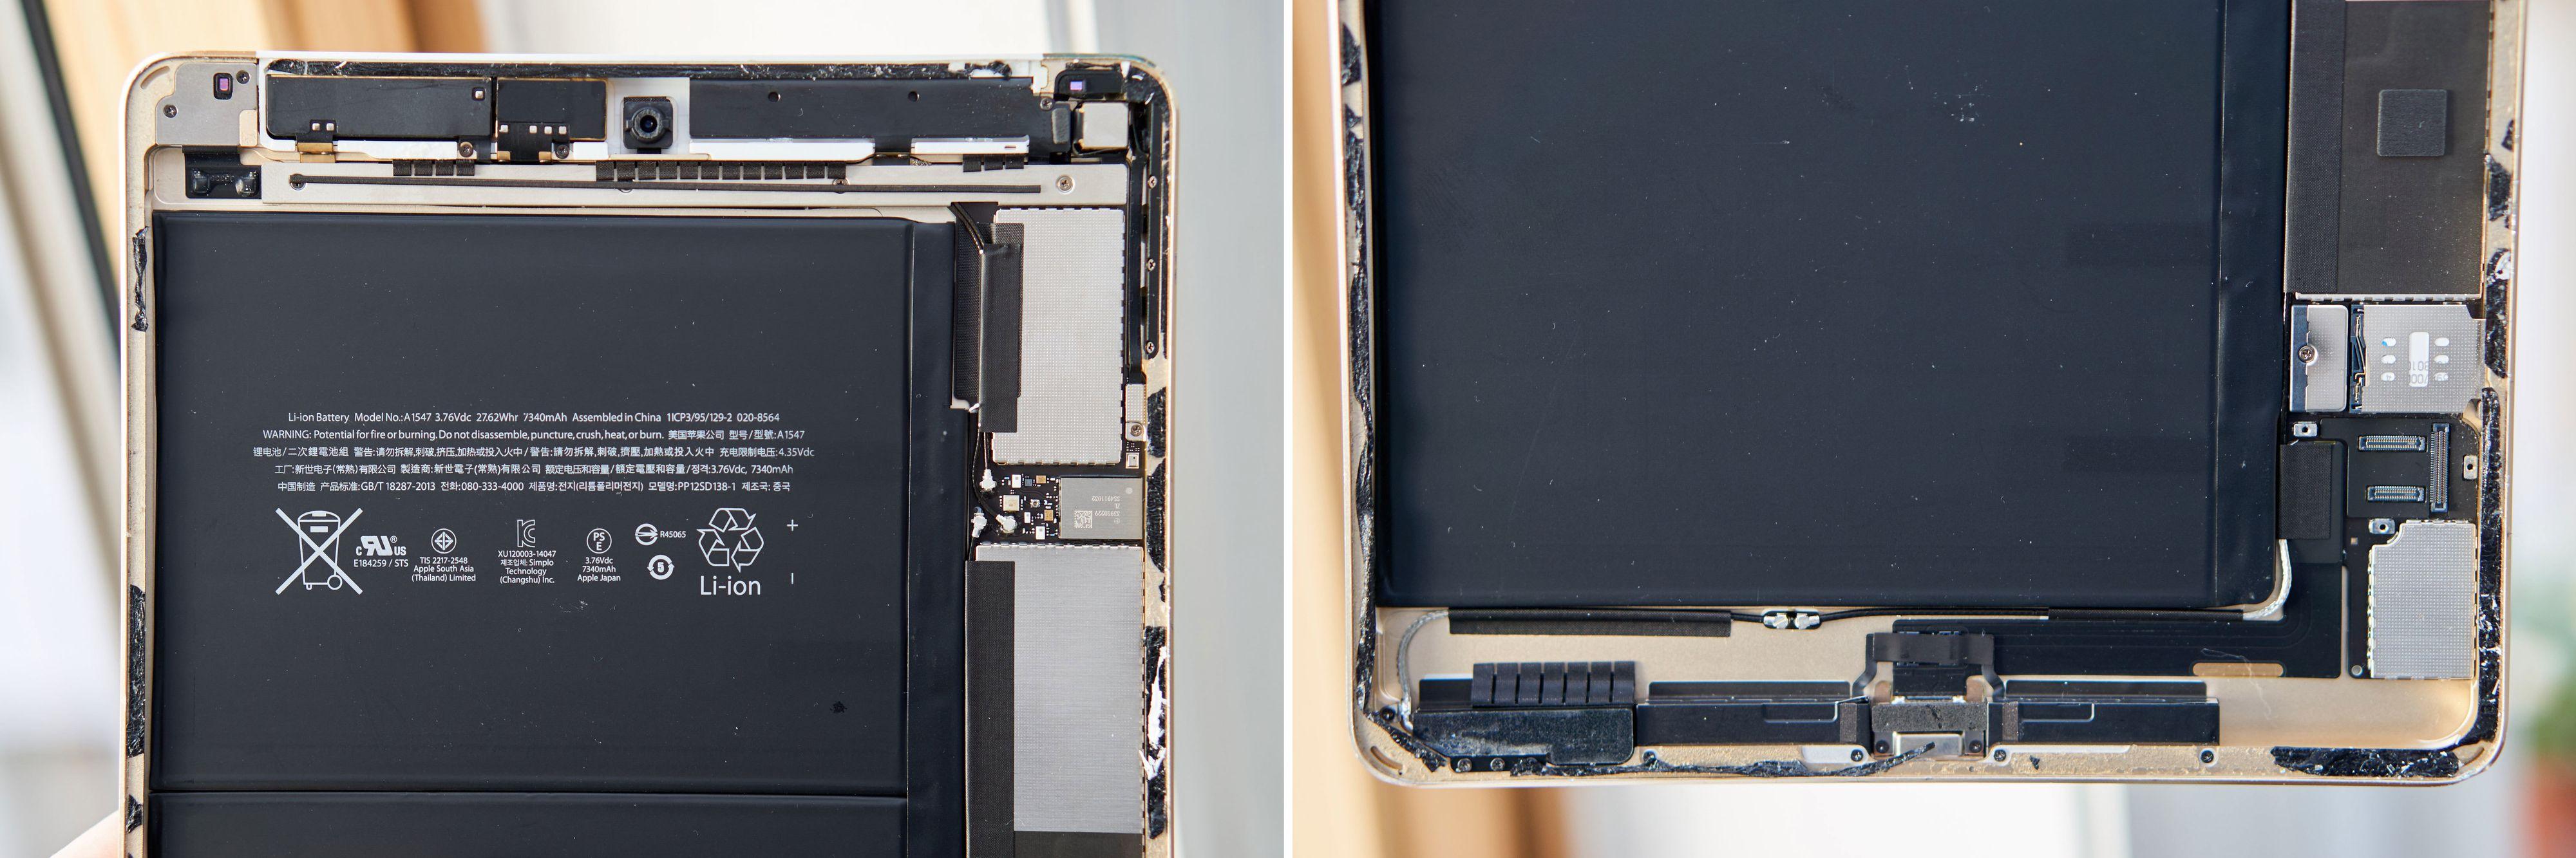 Slik ser en iPad Air 2 ut inni.